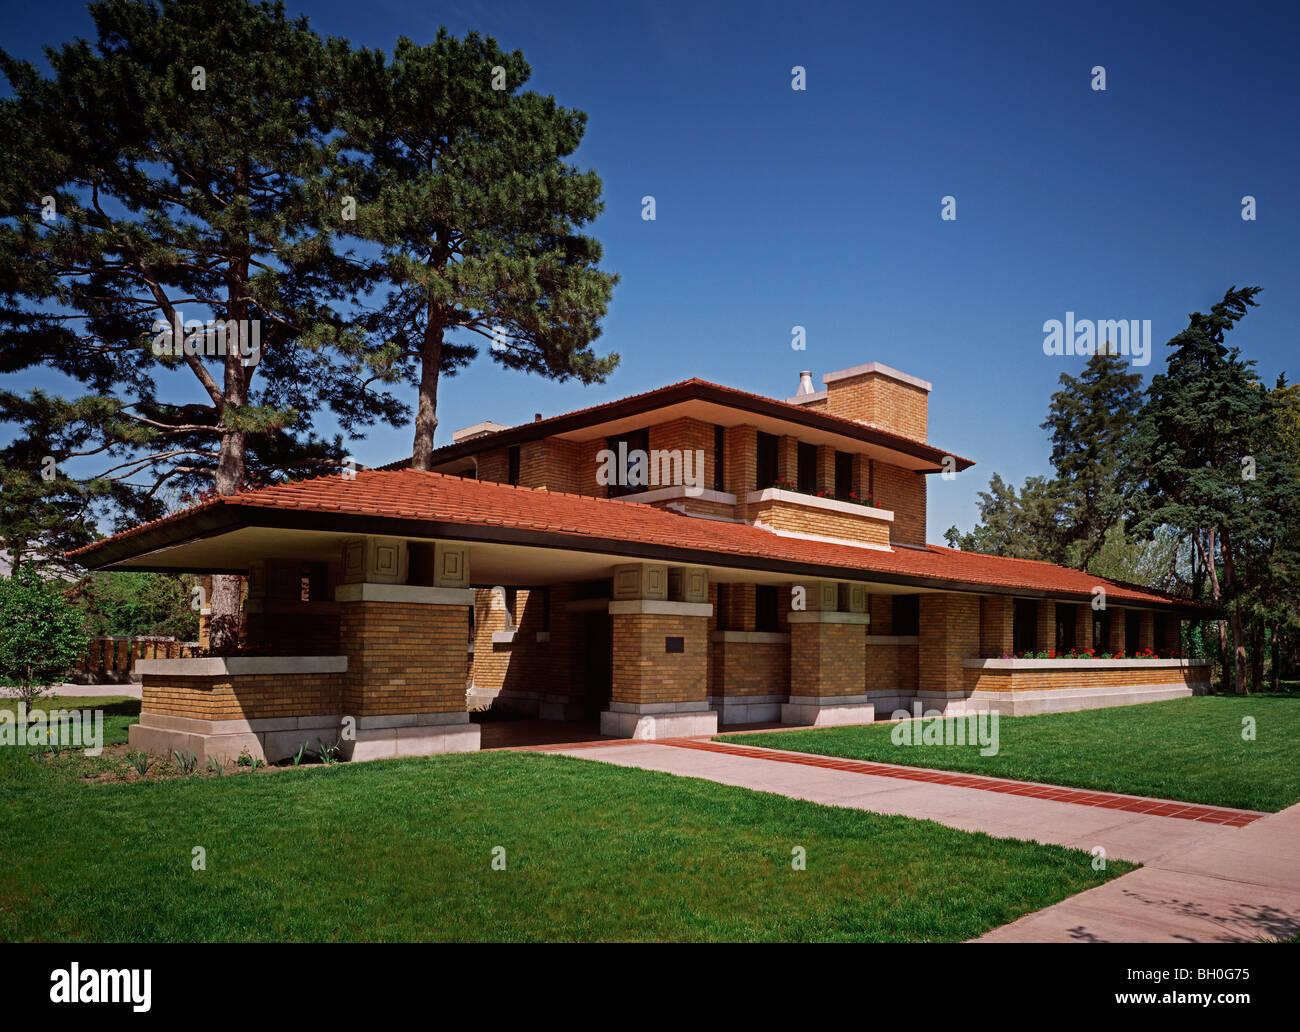 Frank Lloyd Wright Home Wichita Ks Homemade Ftempo